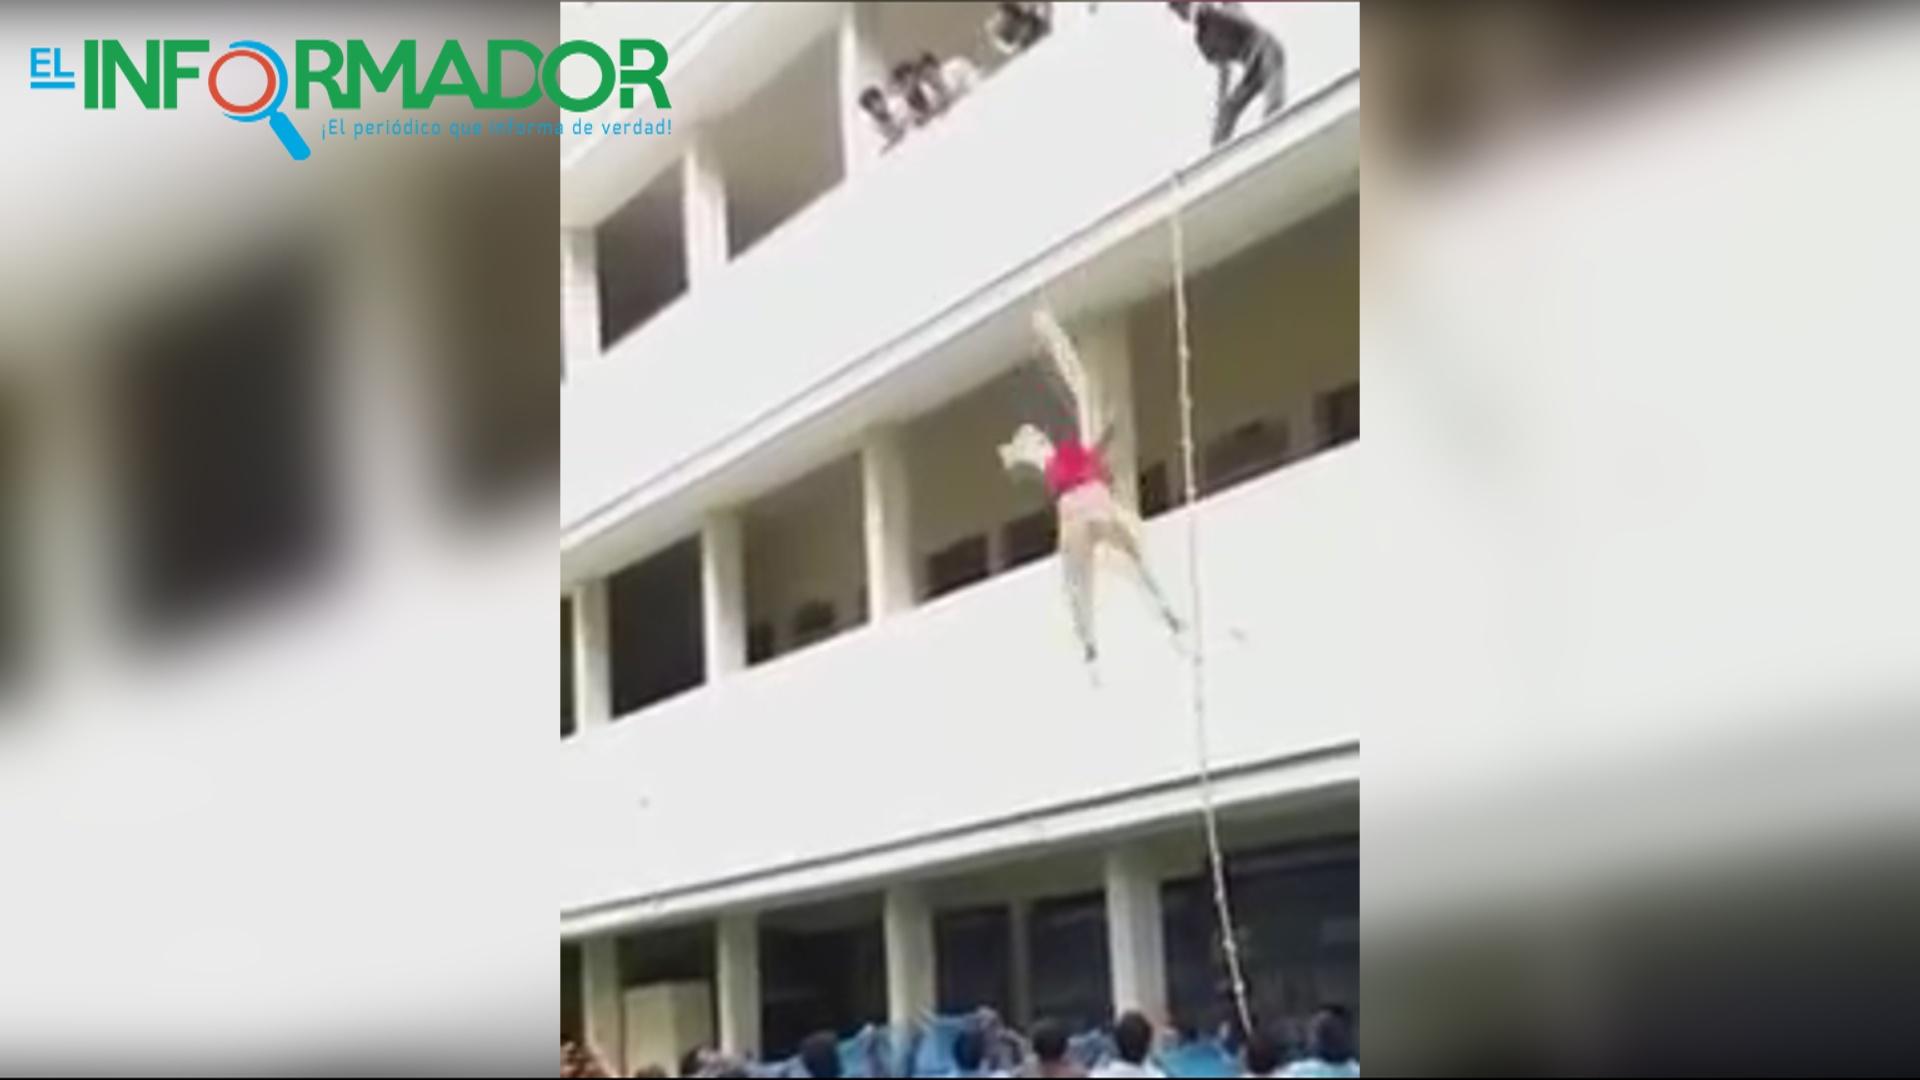 IMPACTANTE VIDEO: Joven estudiante muere en un simulacro al caer de un segundo piso